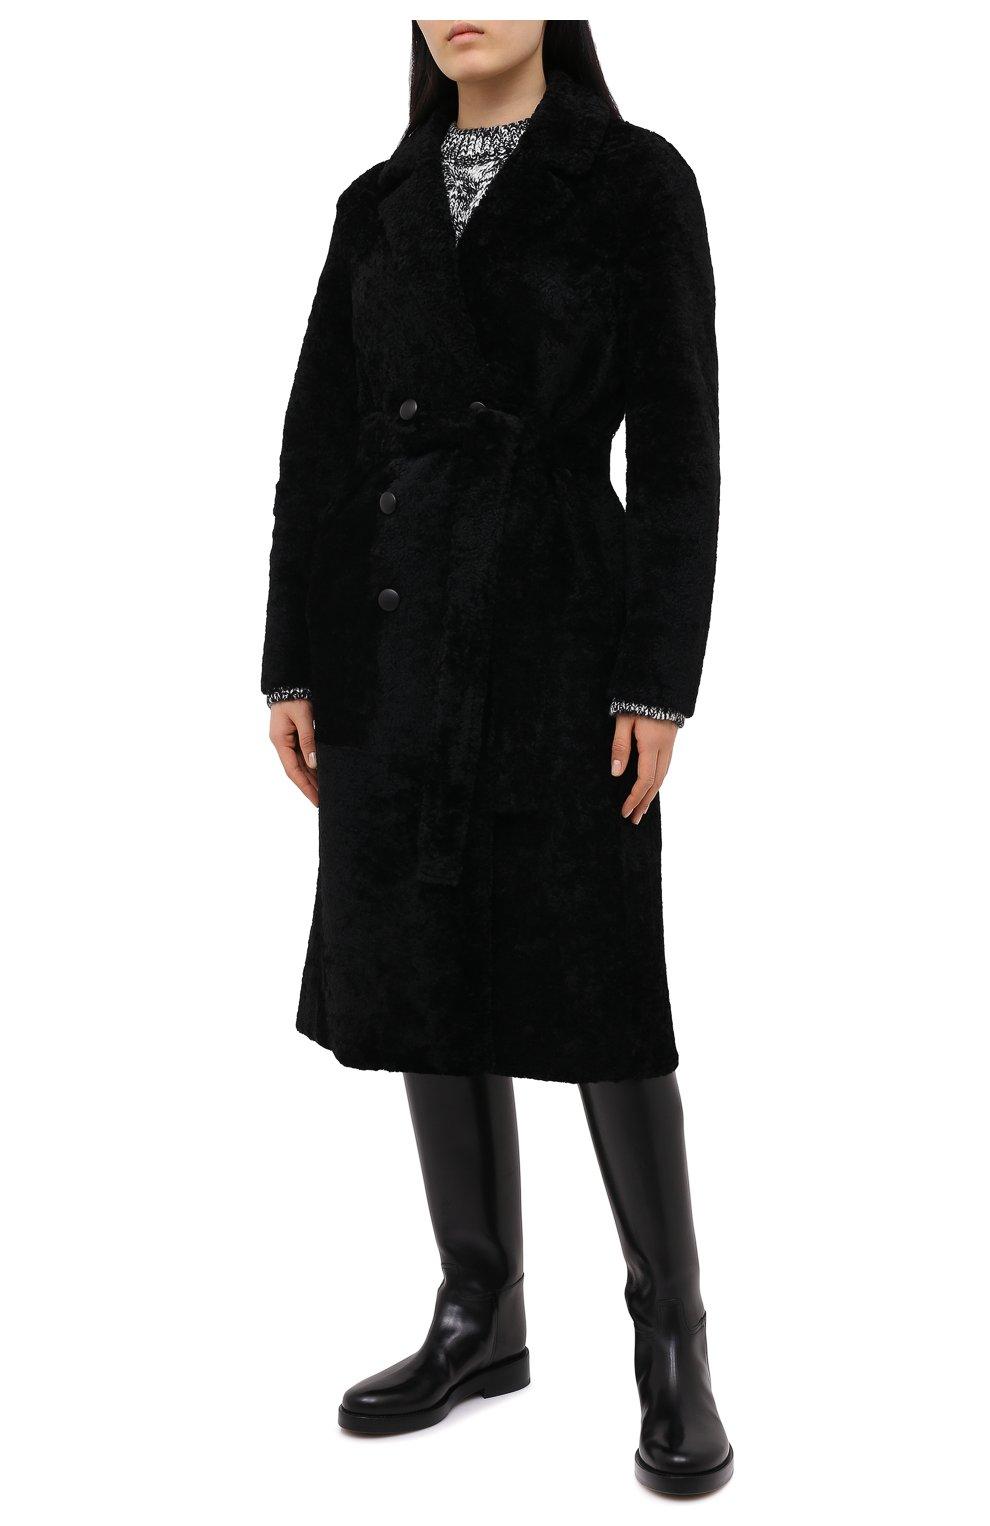 Женская шуба из овчины ANNE VEST черного цвета, арт. AW20/01/202/01/CL0E   Фото 3 (Женское Кросс-КТ: Мех; Рукава: Длинные; Материал внешний: Натуральный мех; Длина (верхняя одежда): Длинные; Стили: Кэжуэл)